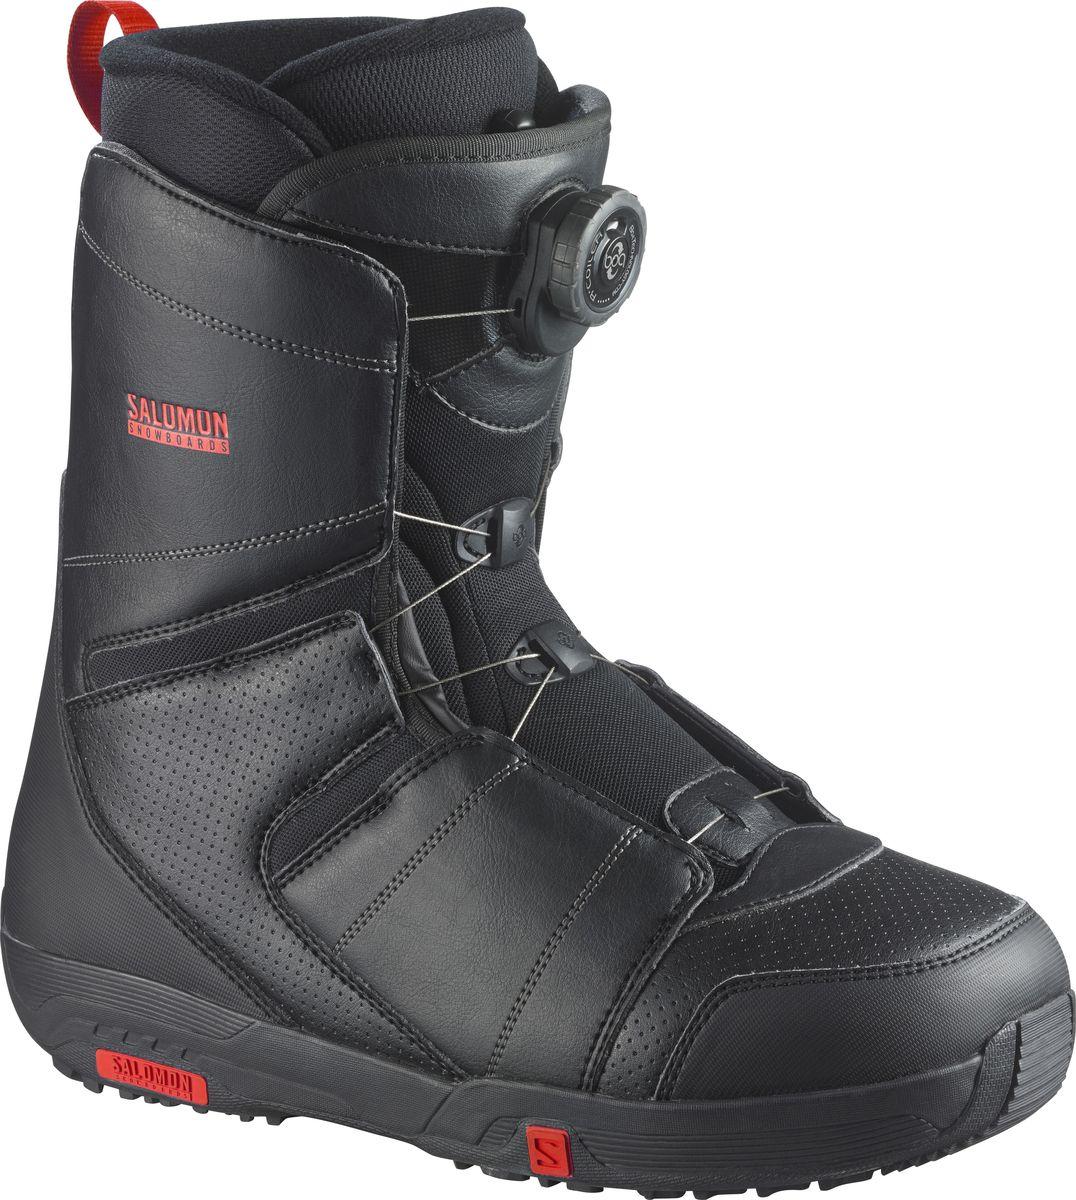 Ботинки для сноуборда Salomon Faction Boa, цвет: черный, красный. Размер 26,5 (40,5)L36898300Ботинки для сноуборда Salomon Faction Boa – ботинки средней жесткости с базовым набором технологических характеристик, необходимых для комфортного катания и уверенного прогресса. Шнуровка BOA не отнимет много времени и позволит подогнать ботинок по ноге, не снимая перчаток. Внутренник Silver Fit идеально подгоняется под анатомические особенности ног райдера при температуре тела и надолго сохраняет оптимальную форму, а средняя жесткость позволяет использовать ботинки максимально универсально, пробуя разные стили катания.Как выбрать сноуборд. Статья OZON Гид